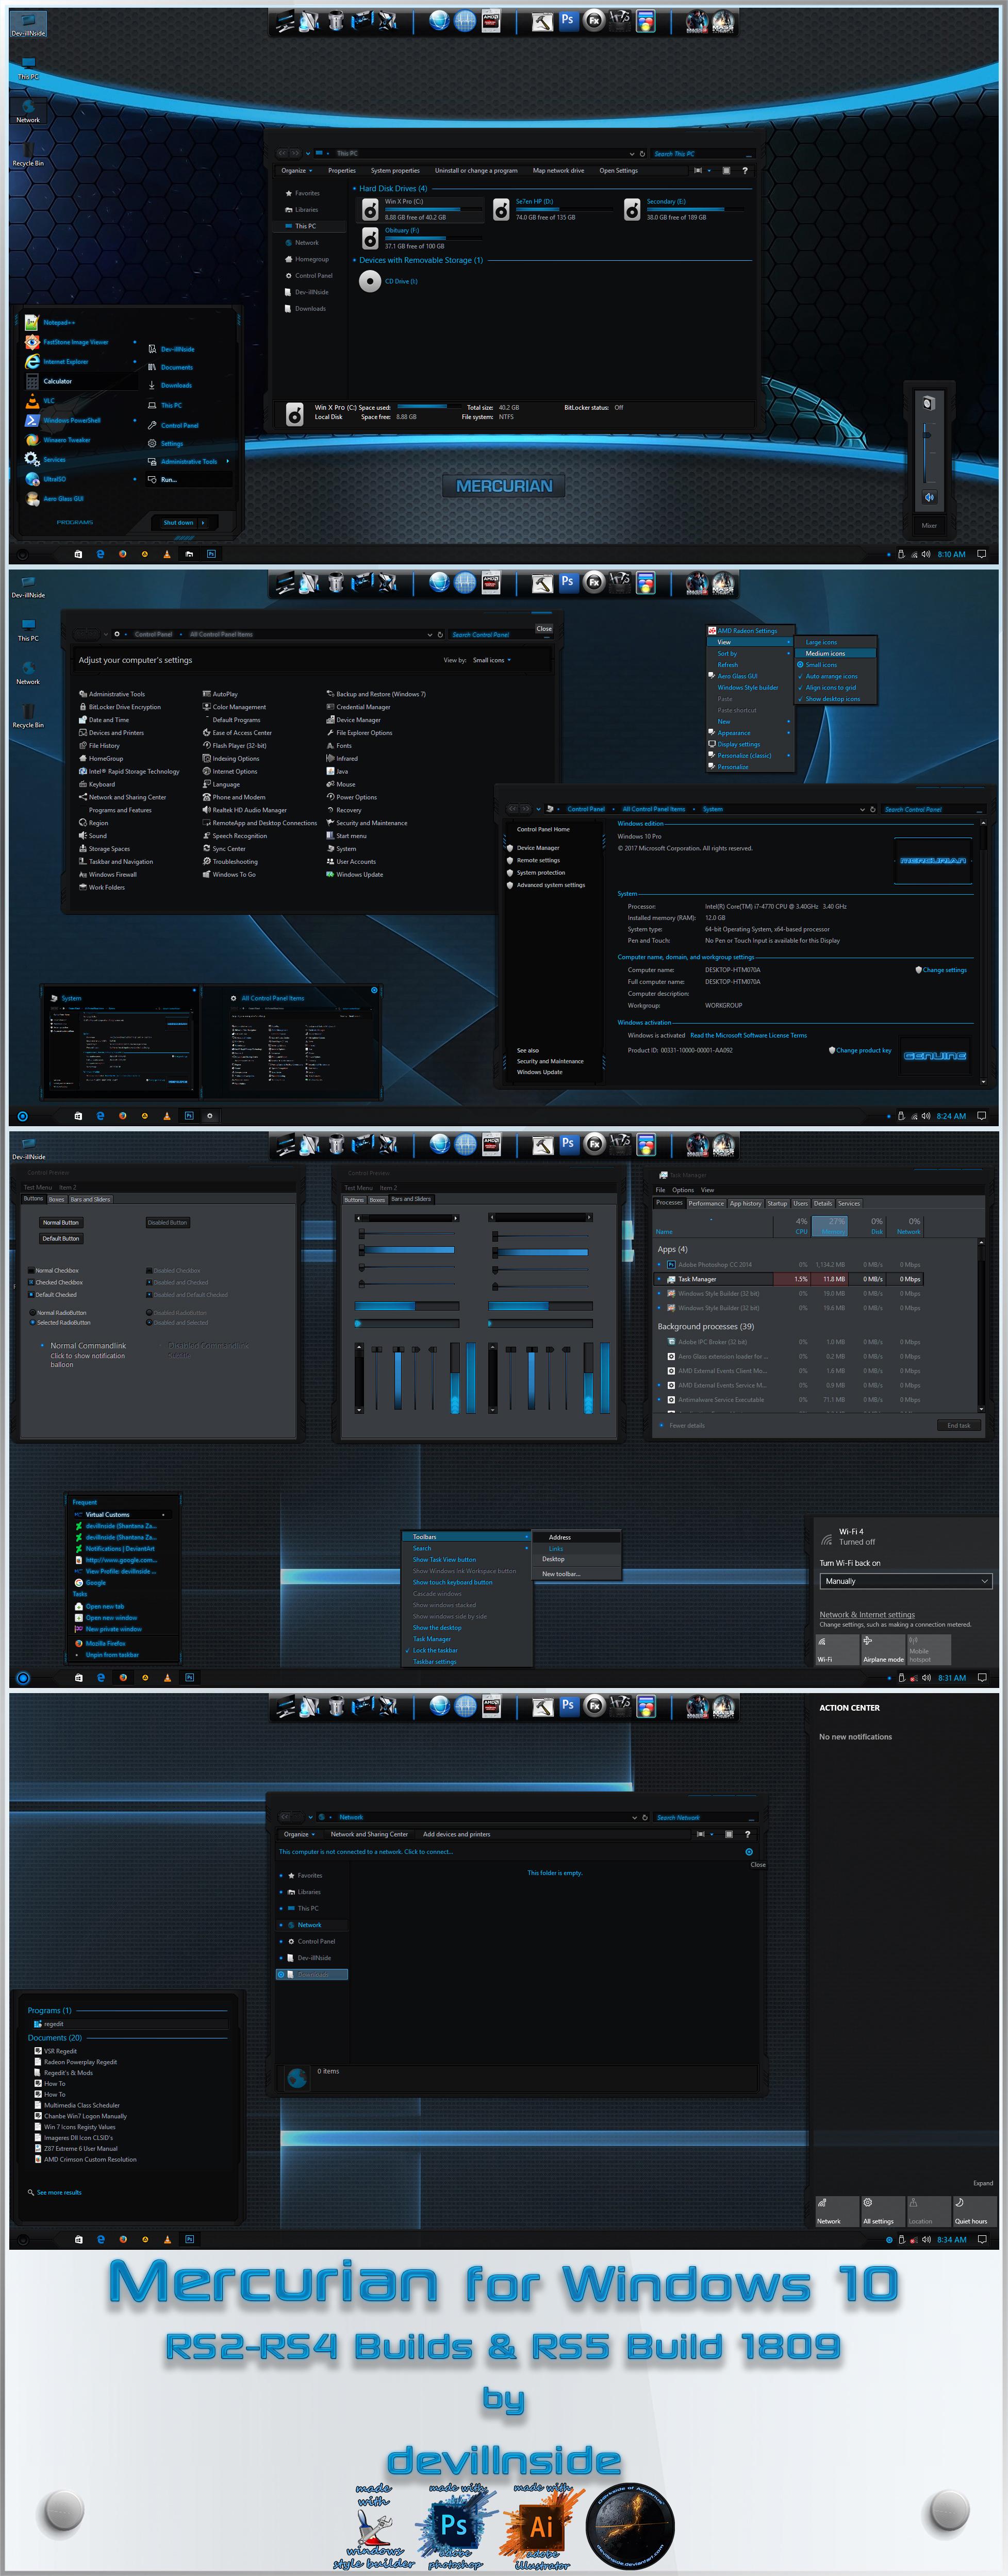 Mercurian for Windows 10 by devillnside